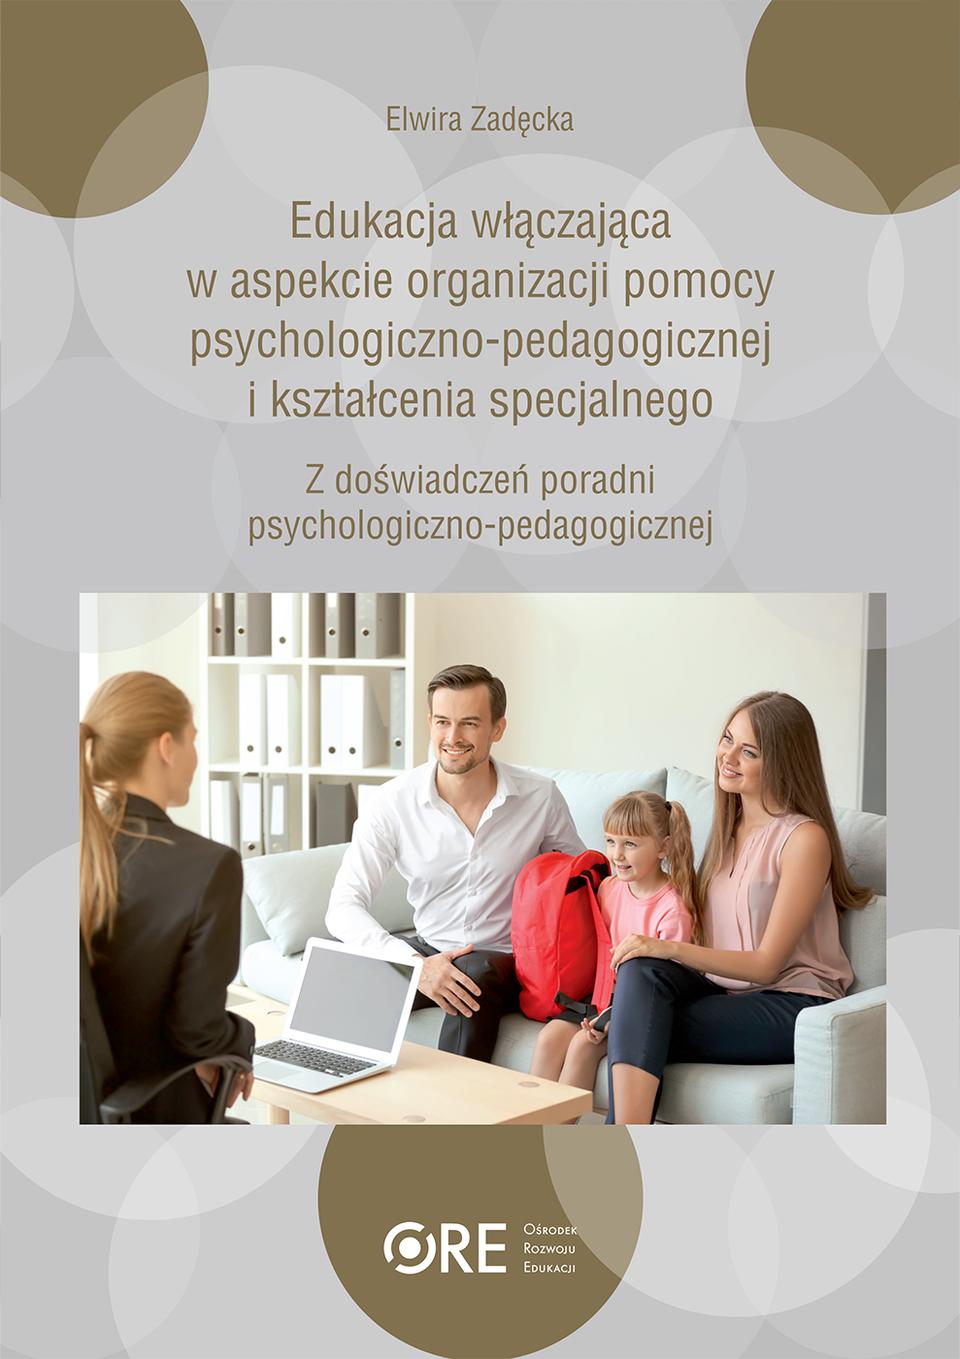 Pobierz plik: E. Zadecka Edukacja-wlaczajaca-z-doswiadczen-poradni_Edukacja włączająca.pdf